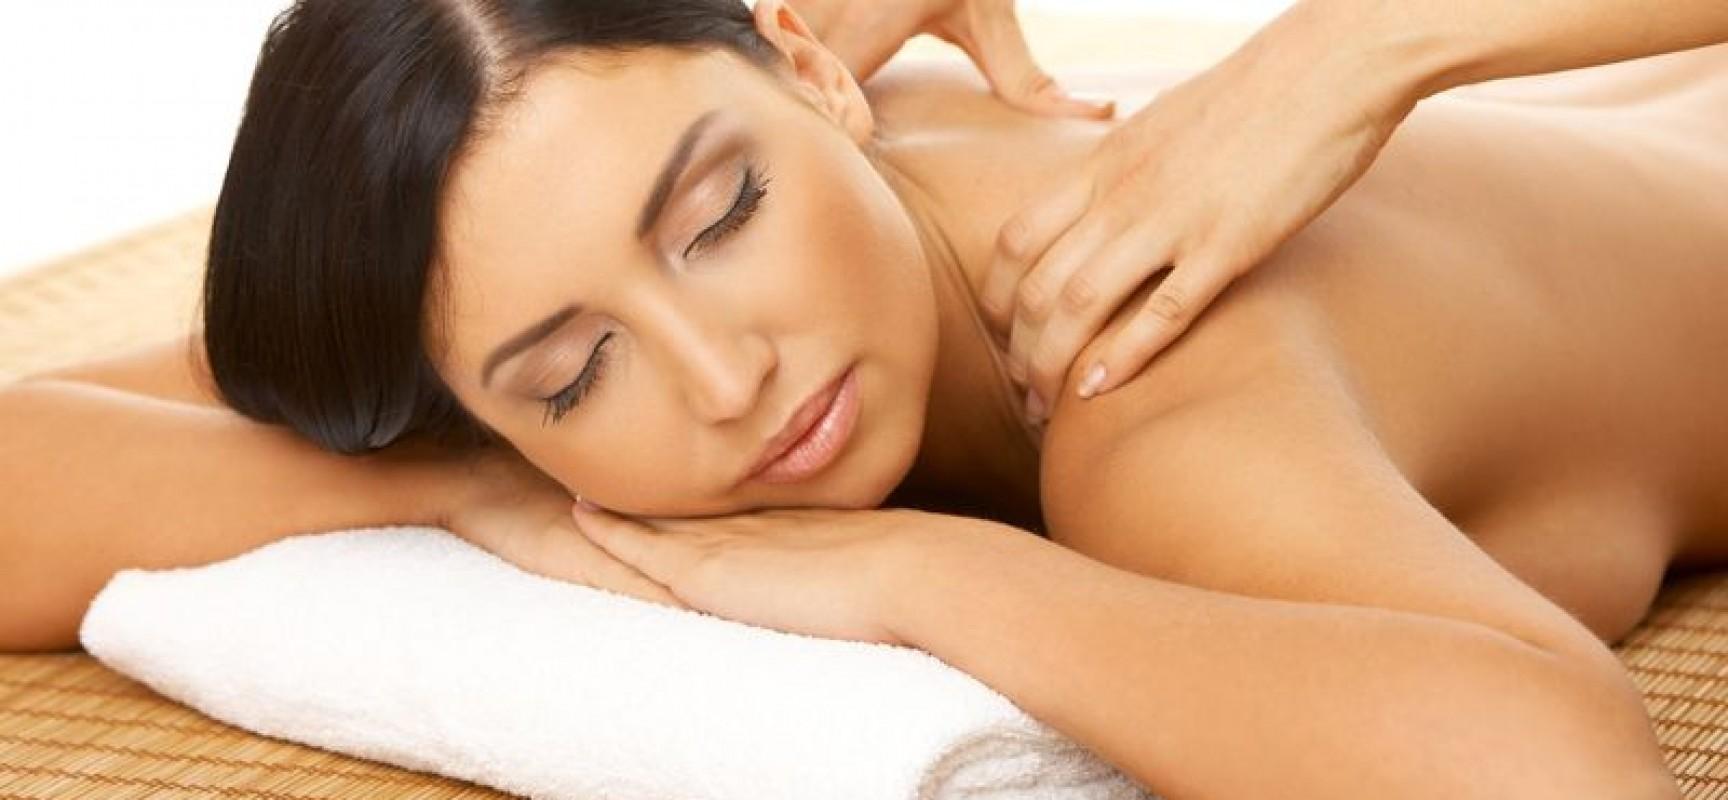 giochi erotici da provare massaggio sensuale milano